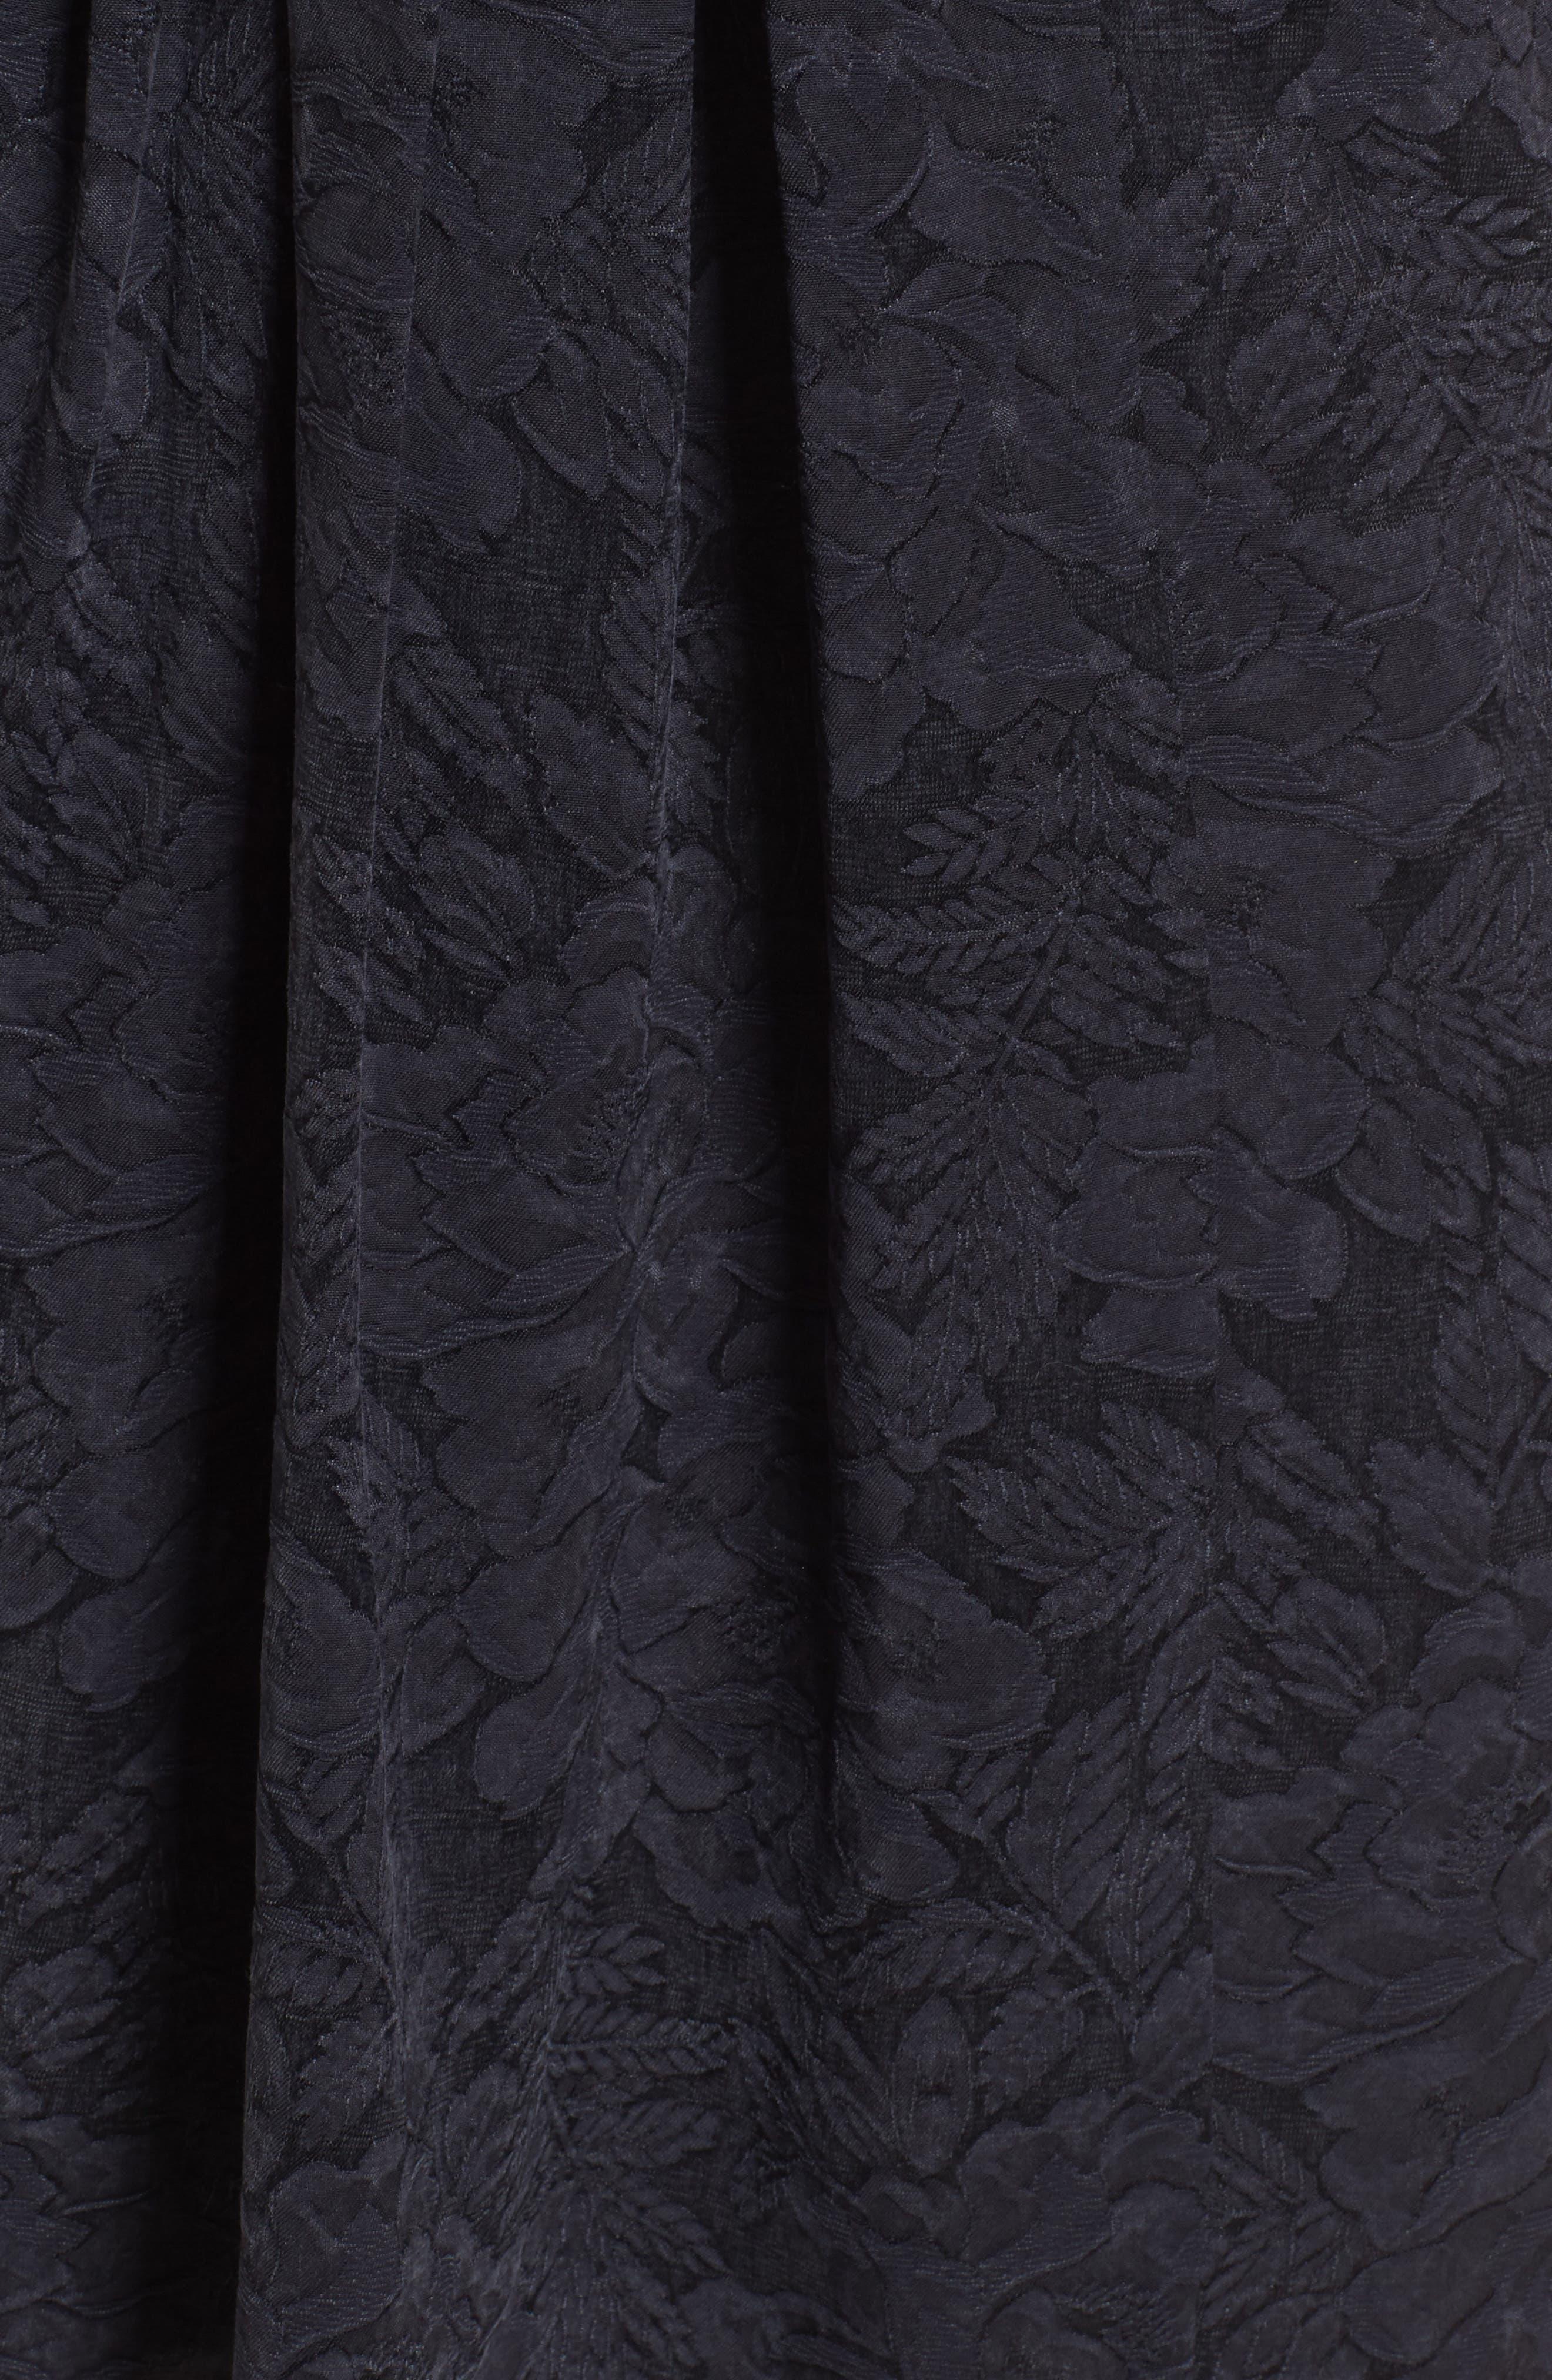 Epinale Dress,                             Alternate thumbnail 5, color,                             001